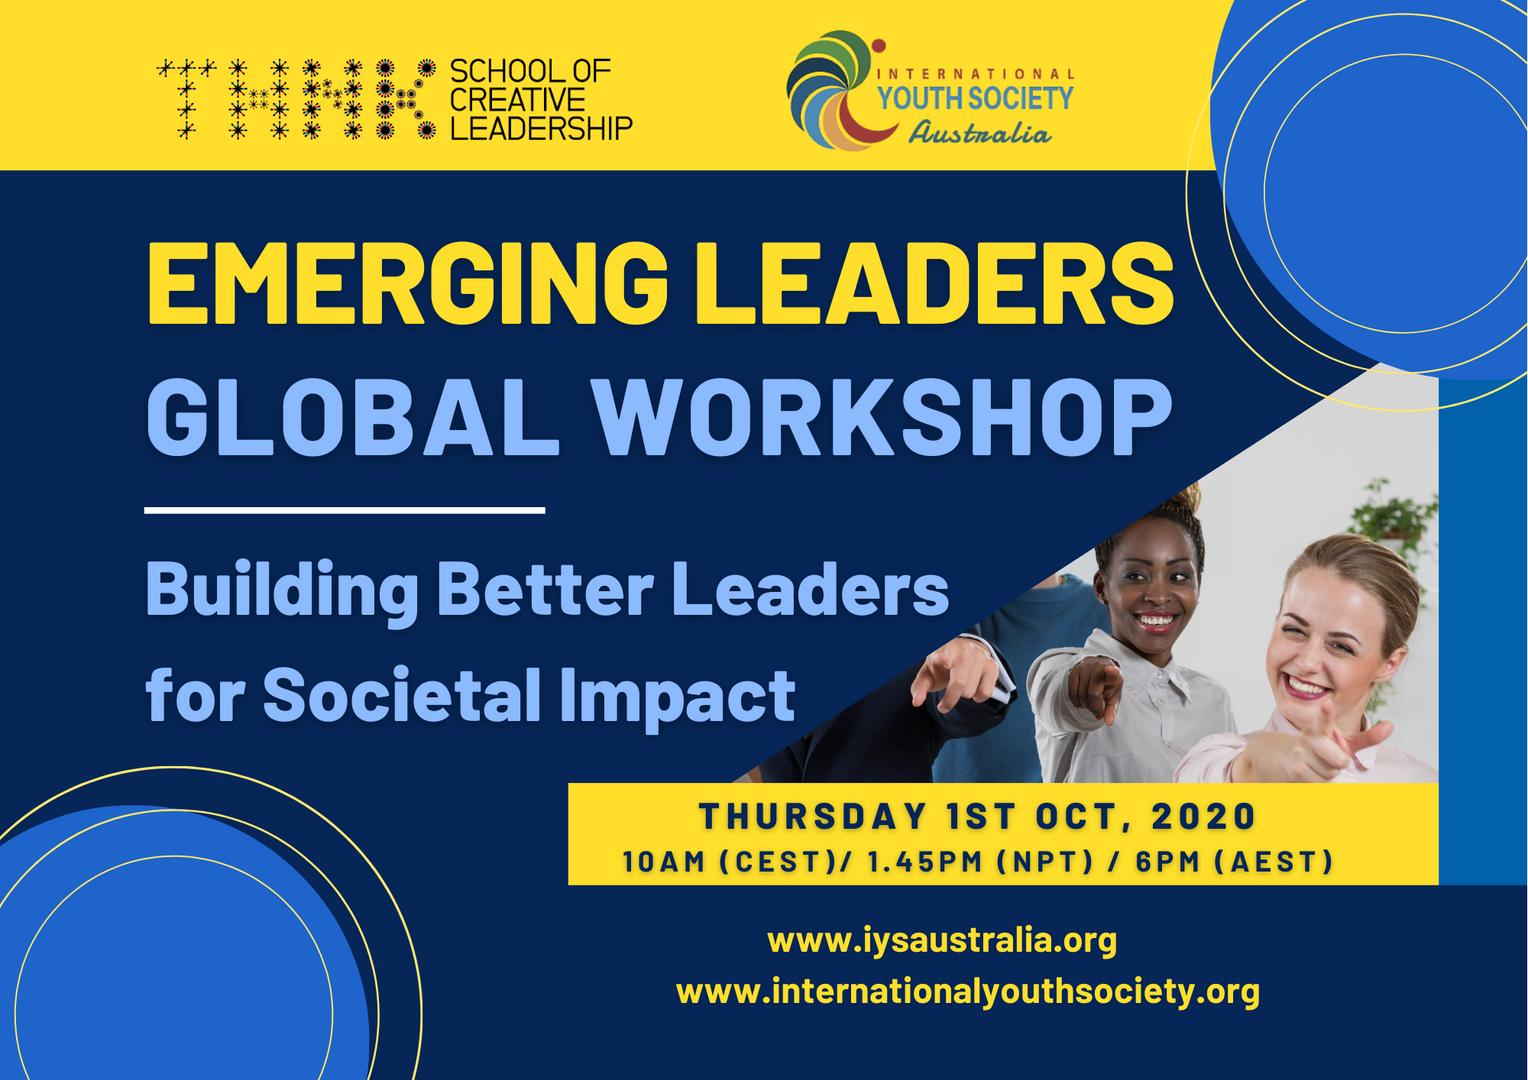 Emerging Leaders Global Workshop